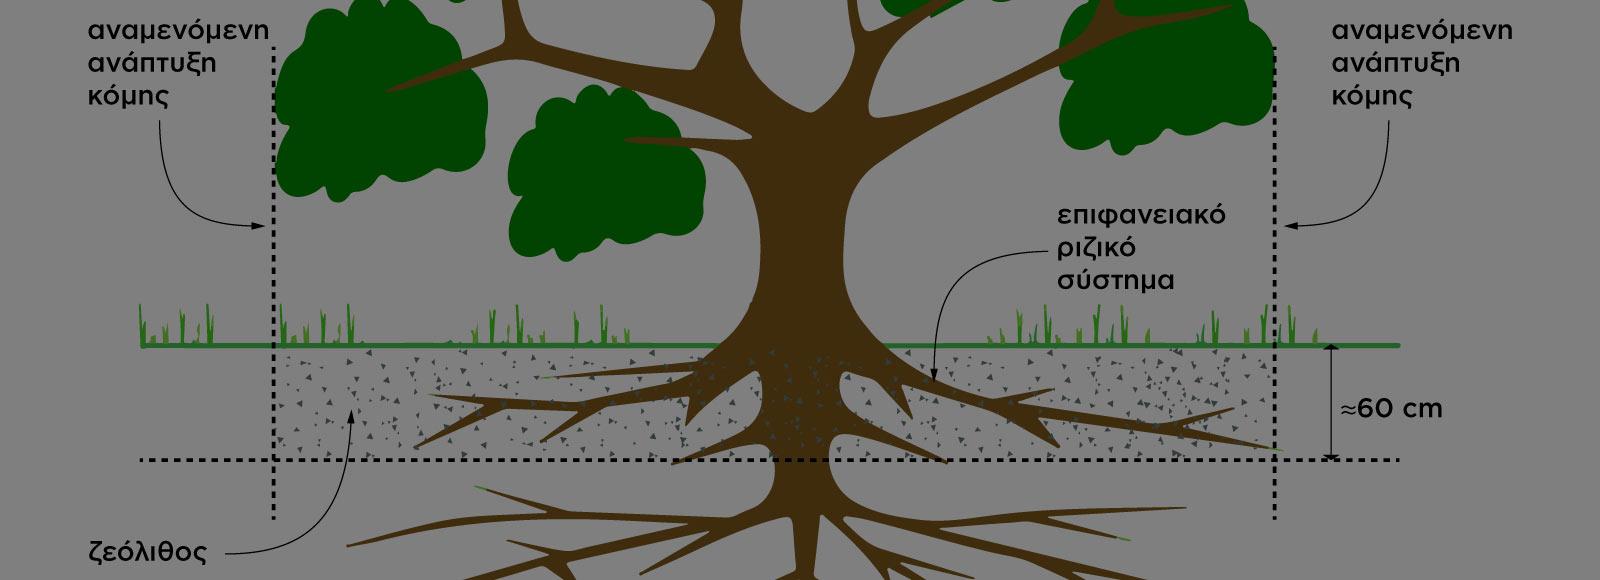 Ζεόλιθος σε νέα δέντρα – ο σωστός τρόπος ενσωμάτωσης